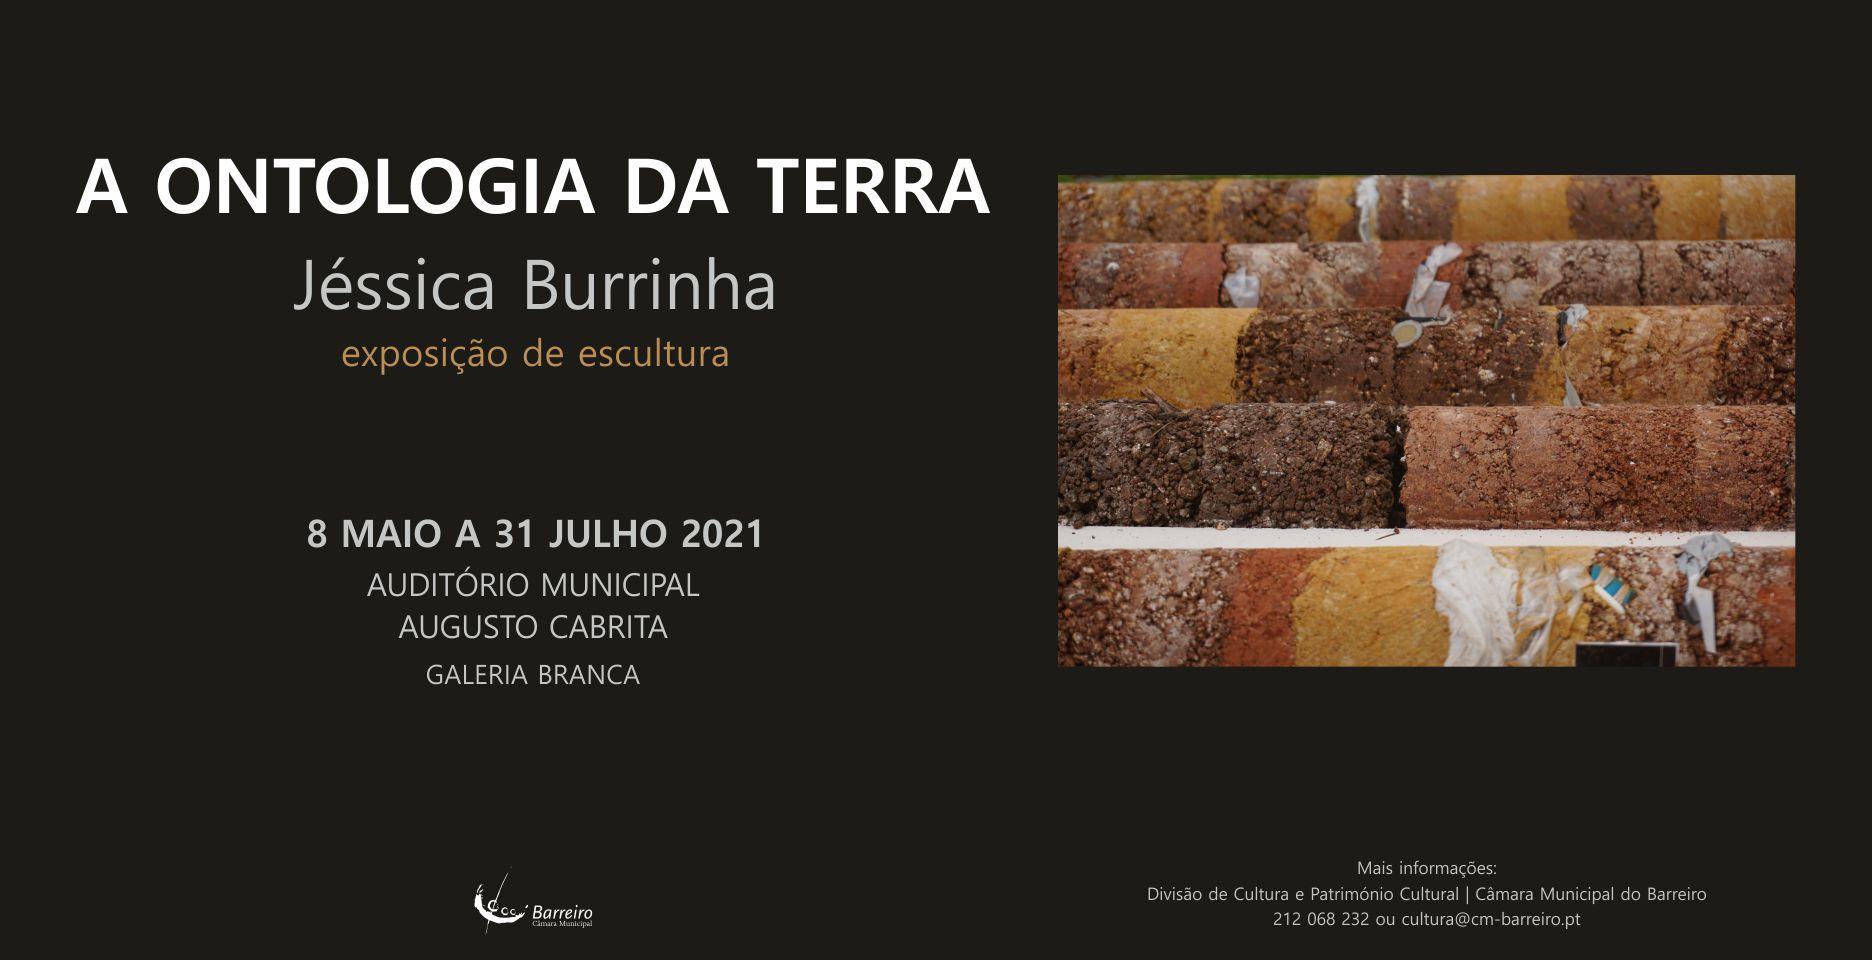 Ontologia da Terra, Exposição de escultura de Jéssica Burrinha | Inauguração